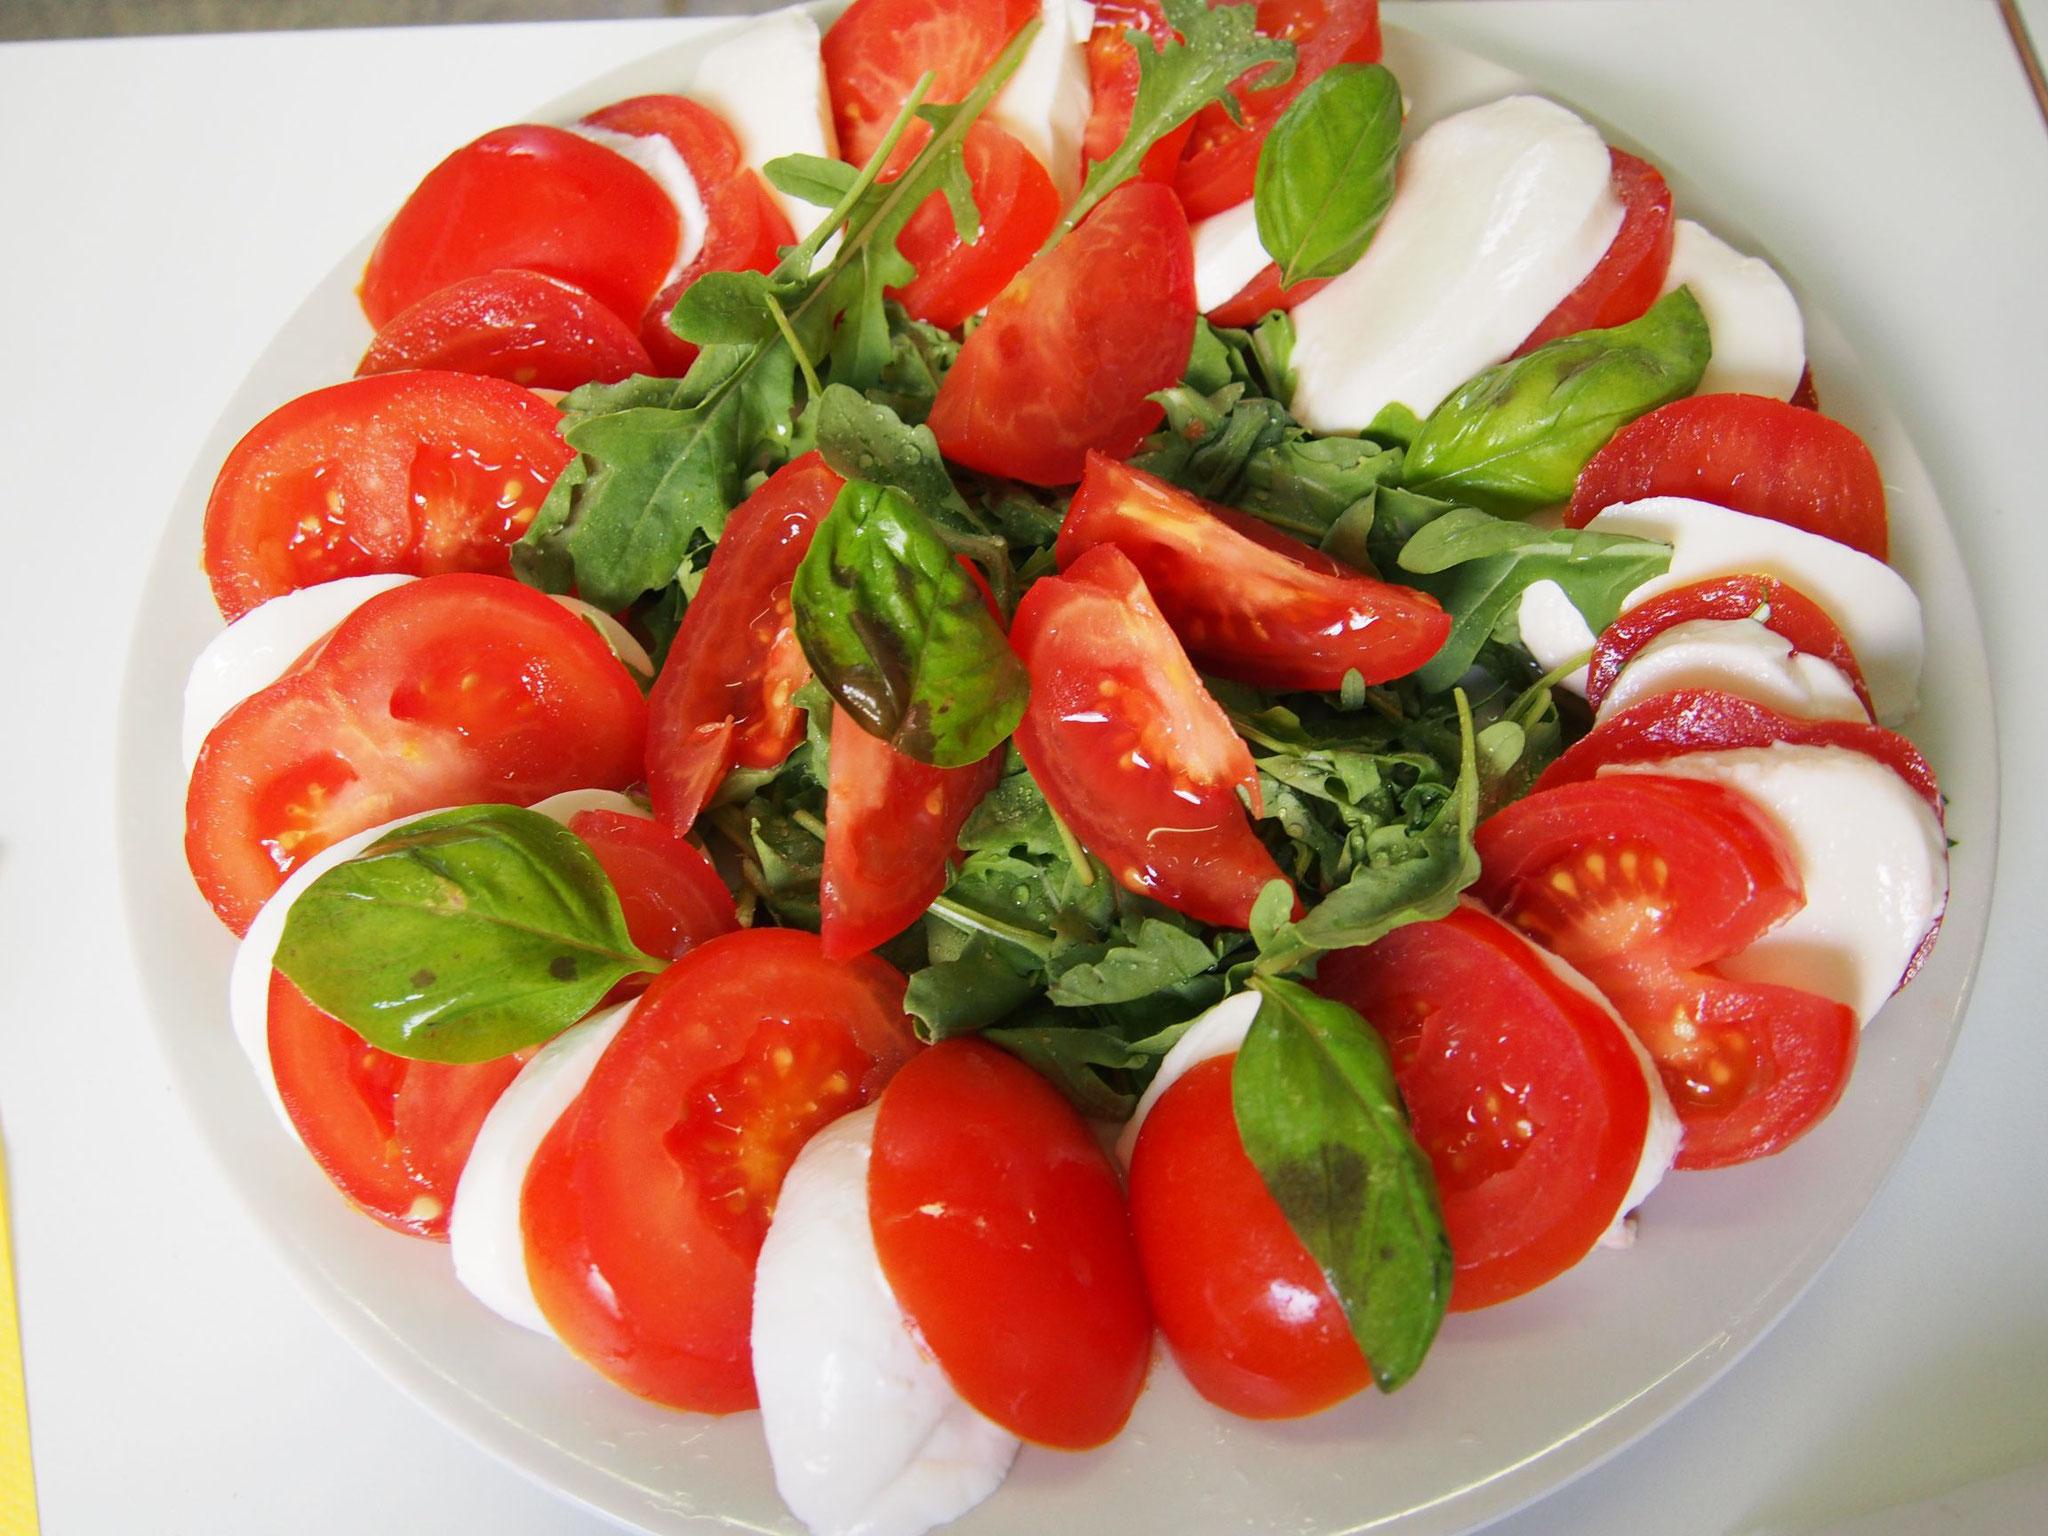 leckeres und gesundes Essen © Maria Fiedler